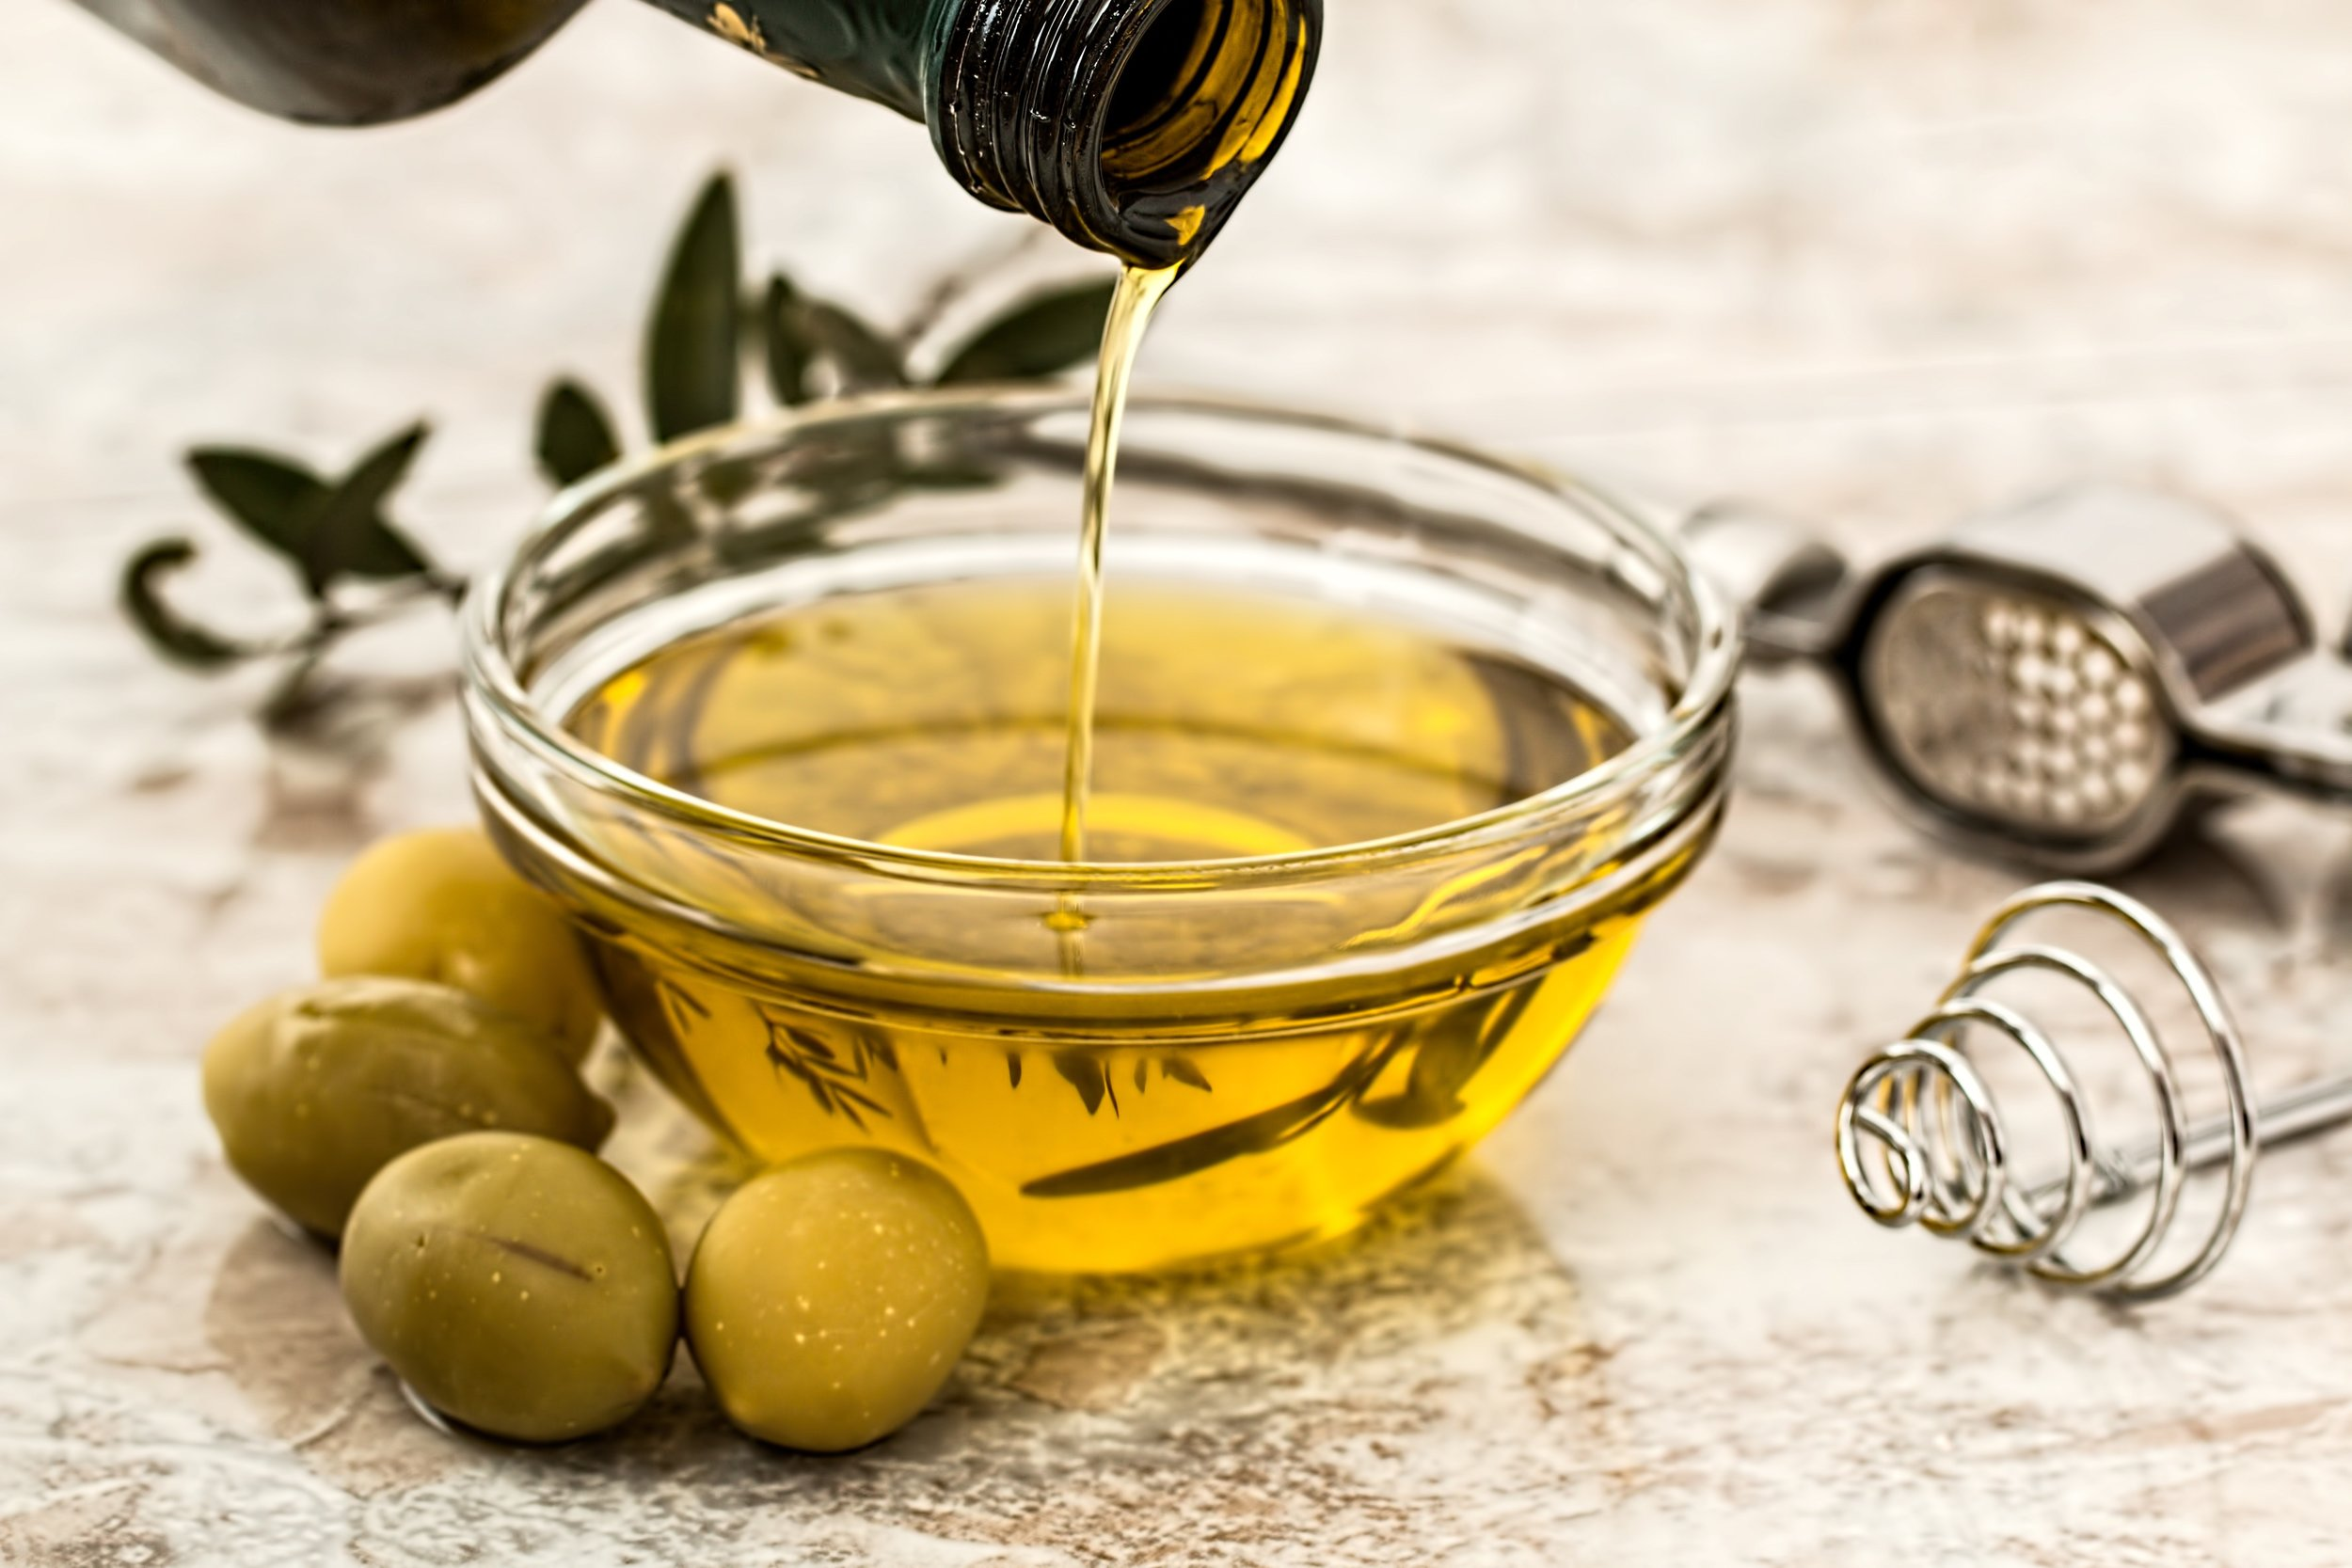 Experiencias entre olivos - El aceite de oliva es imprescindible en la dieta mediterránea. En Catalunya tenemos regiones increíbles donde, aparte de unos paisajes milenarios, podemos disfrutar de aceites de gran calidad.En Feel by Doing hemos seleccionado algunas experiencias para que puedas descubrir los secretos que esconden los campos de olivos y los sabores y texturas del aceite de oliva ecológico:- Visitas a campos de olivos milenarios para conocer a sus productores locales y hacer una cata de aceites ecológicos- Visitas a molinos de aceite con cata y degustación de productos locales- Paseos entre olivos, cata de aceite y desayuno o comida…y mucho másPrecio: desde 15€ por persona